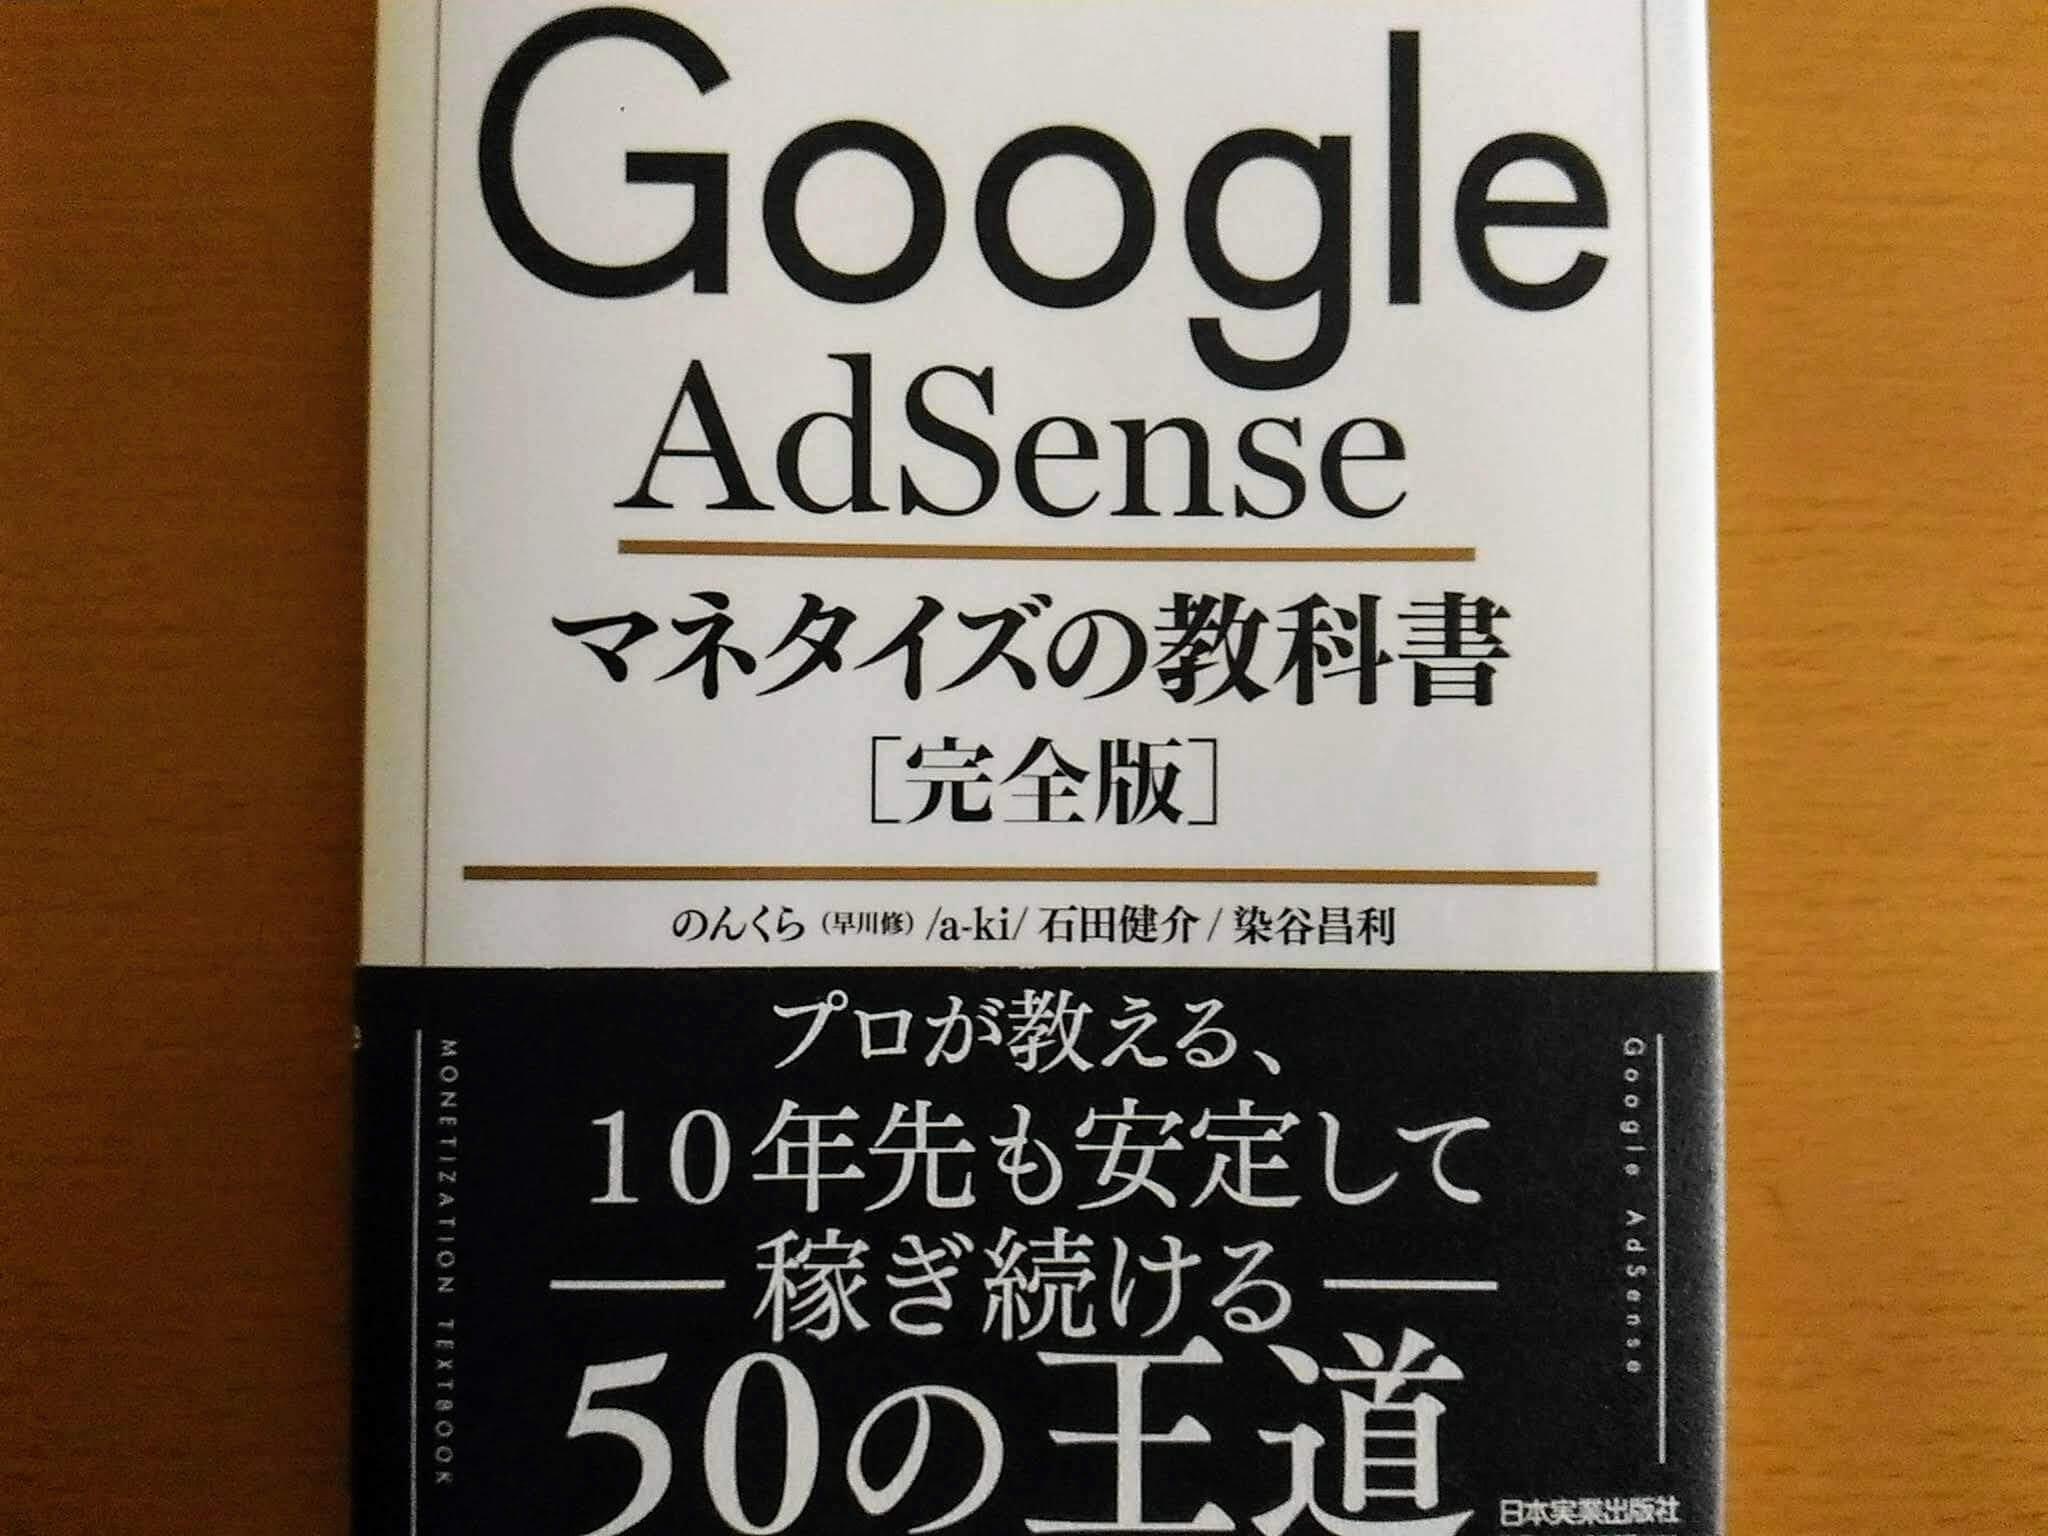 アドセンスで稼ぐ為の指南書!「Google Adsenseマネタイズの教科書」